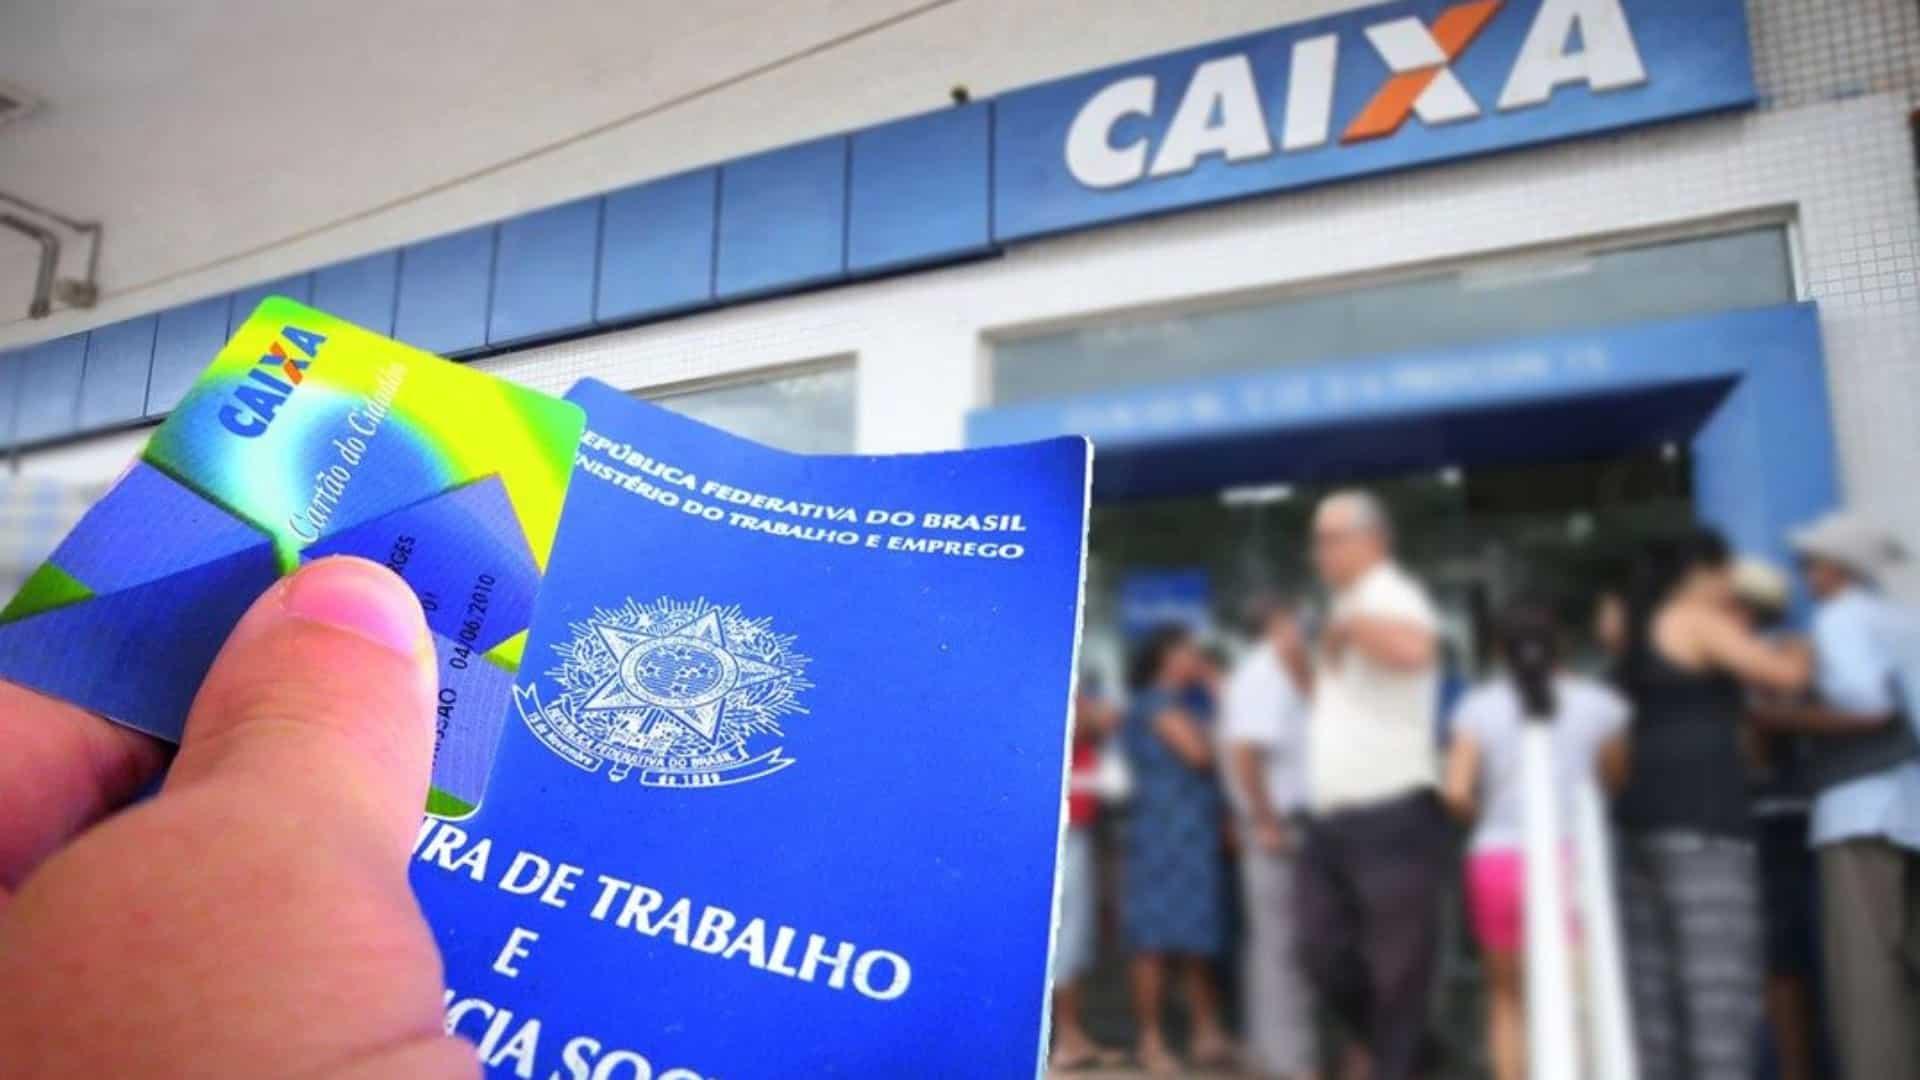 Salário mínimo 2022 ficará em R$ 1.147 e vai mudar PIS/PASEP, BPC e outros